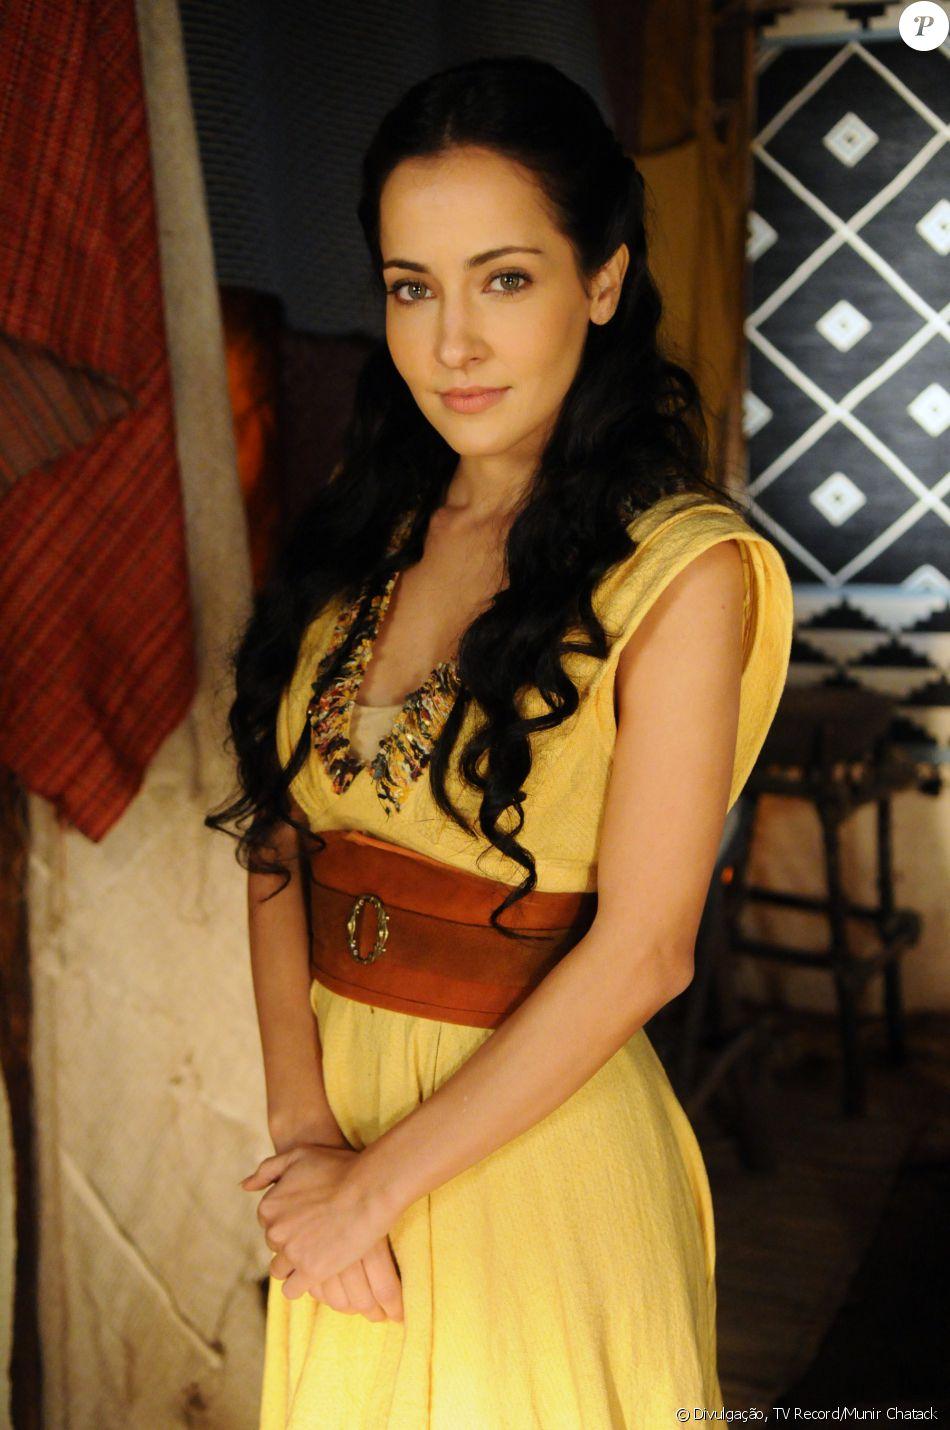 Jéssica (Mytê Piragibe) é noiva de Salmon (Rafael Sardão), mas acaba trocada por Raabe (Miriam Freeland). Se apaixona por Iru (Guilherme Boury), na novela 'A Terra Prometida'